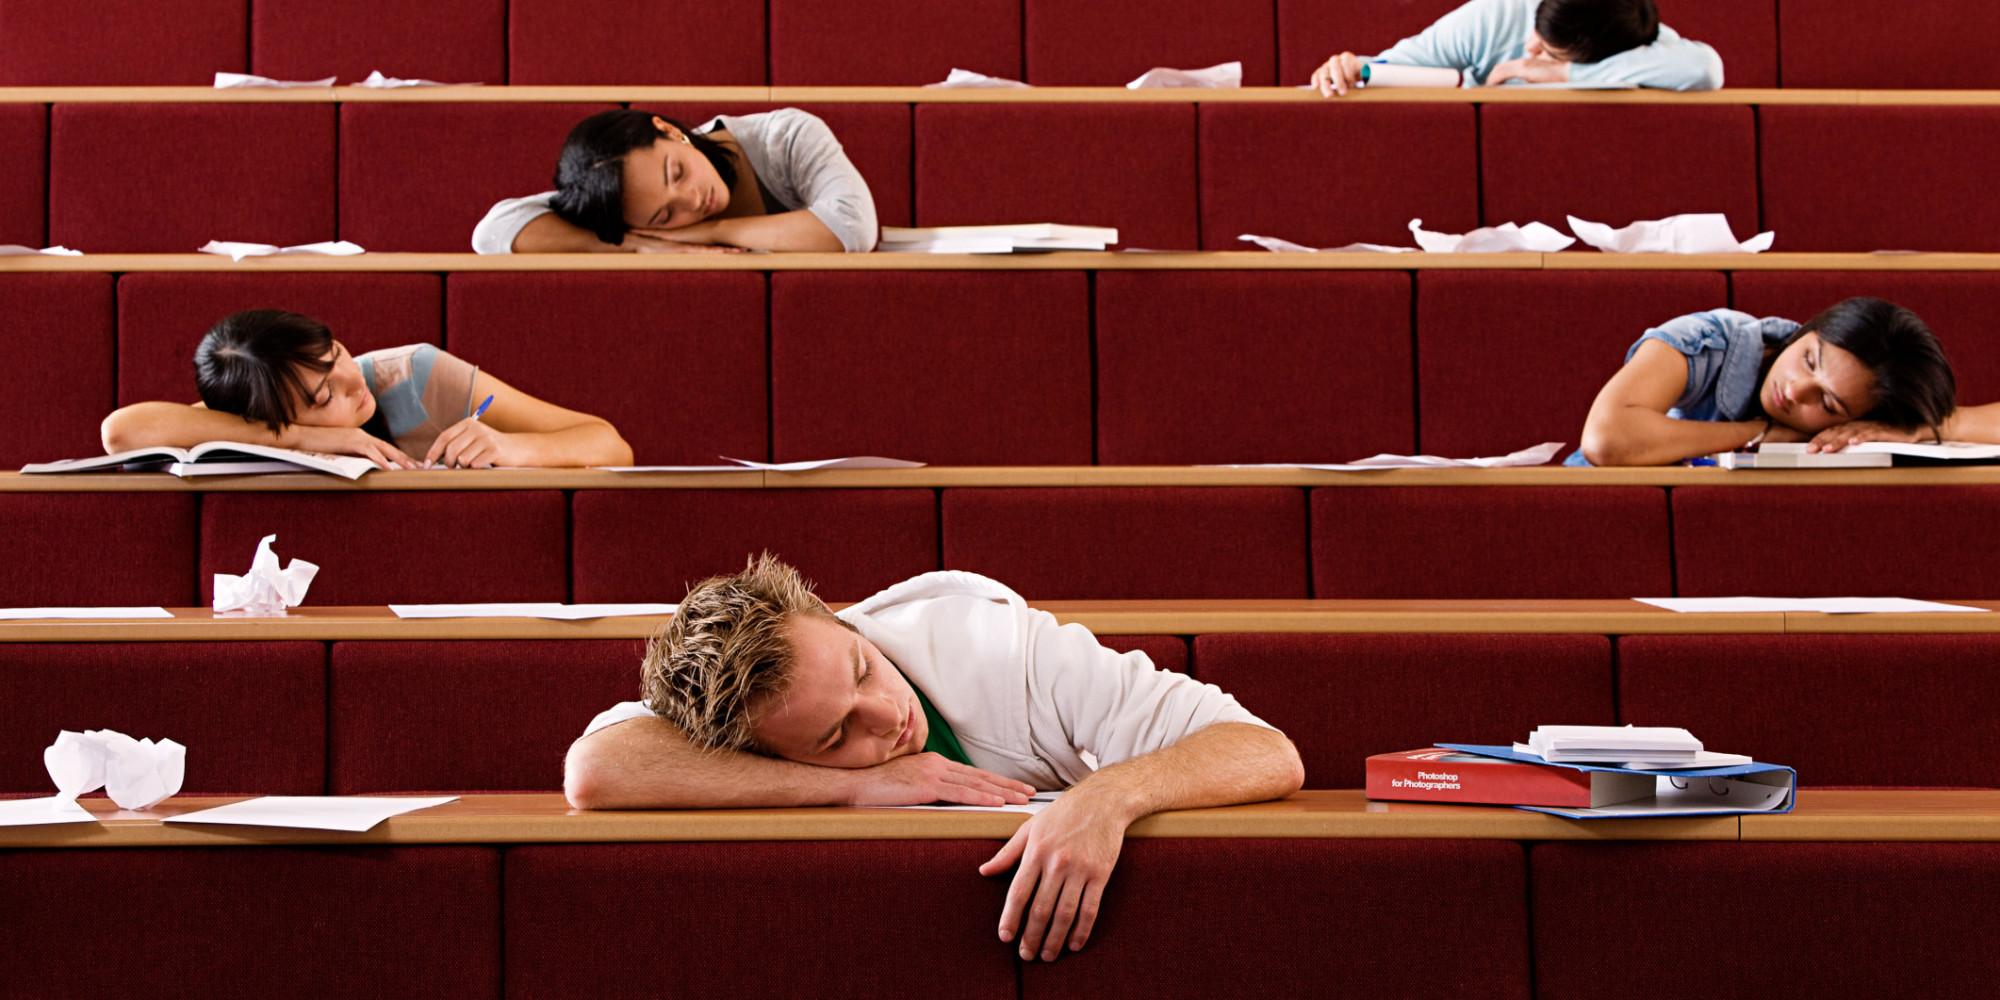 sleep classroom